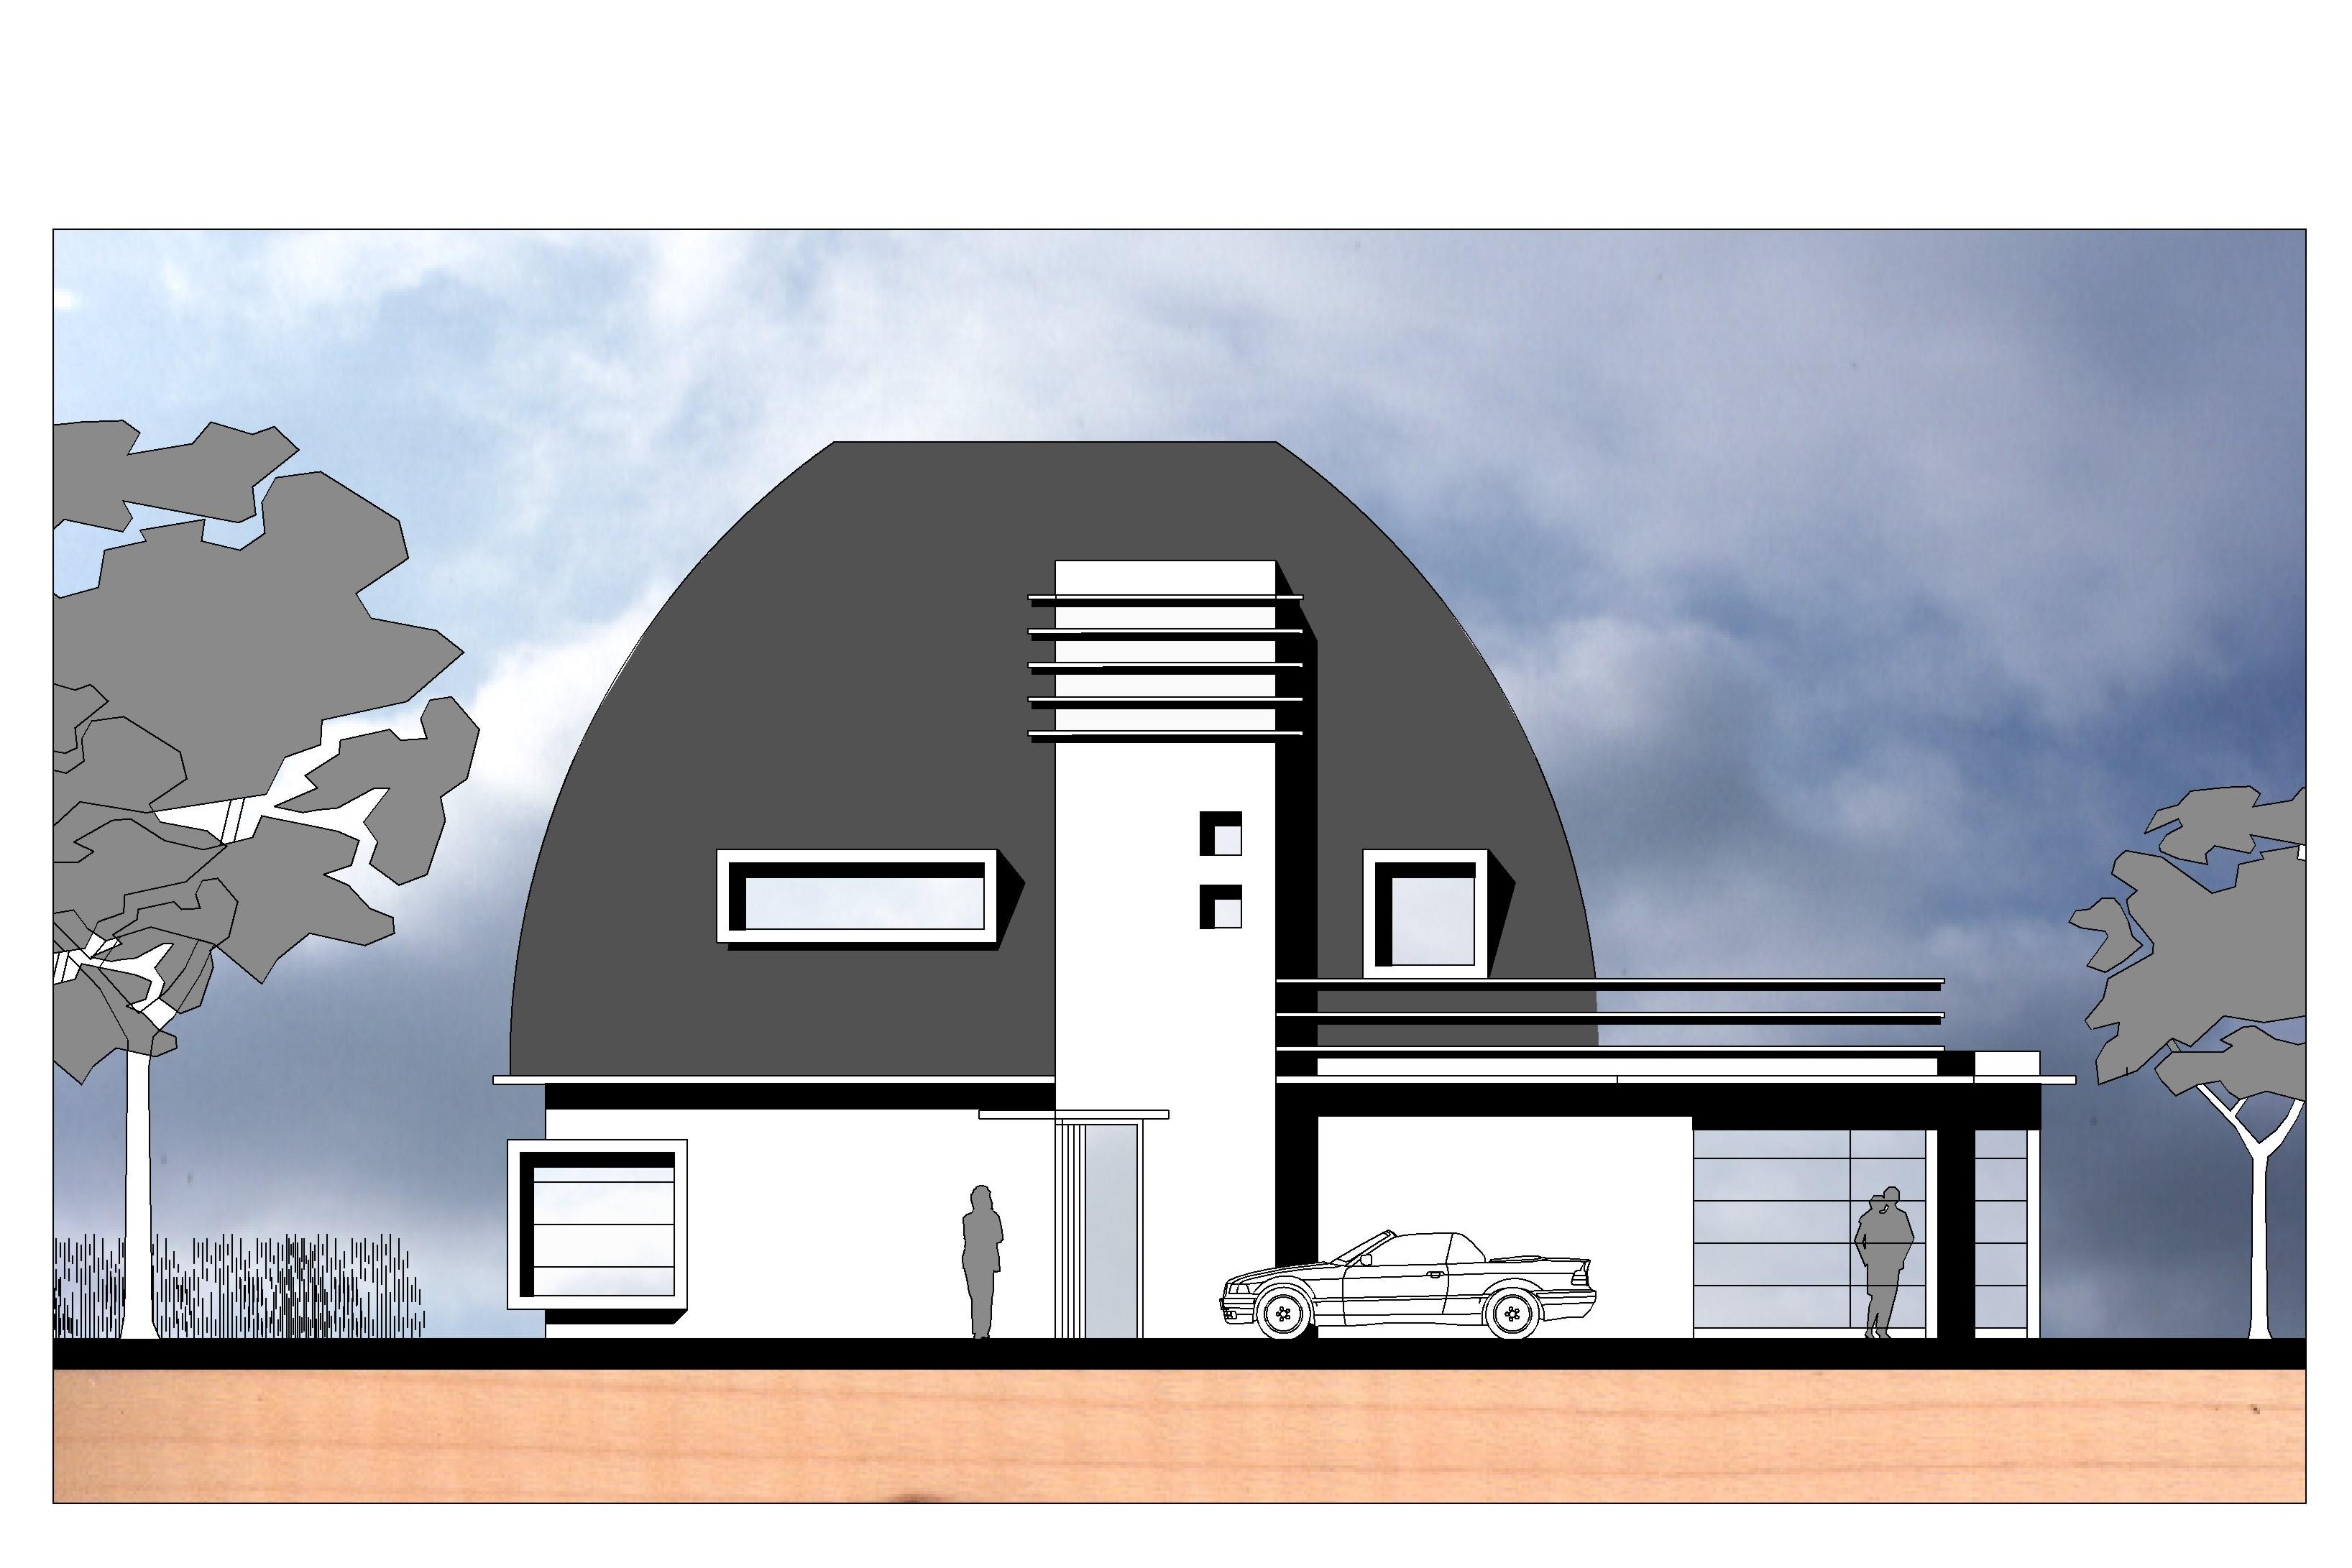 Eigen huis ontwerpen en bouwen veenland bv for Contact eigen huis